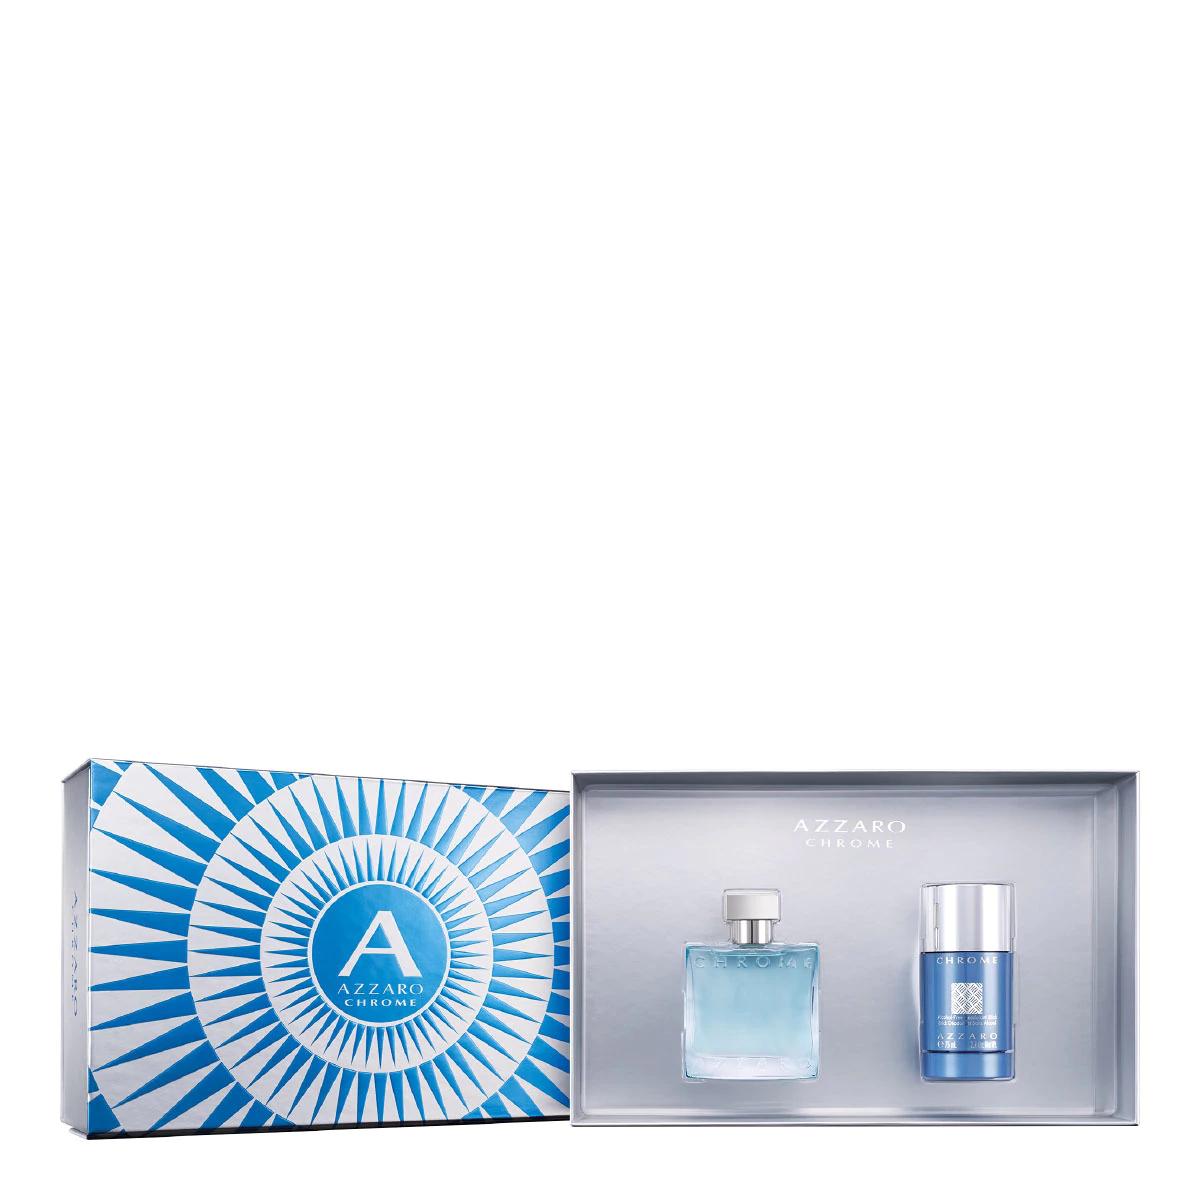 [Carte de fidélité] Sélection de coffrets Eau de toilette Azzaro - Ex : Coffret Eau de toilette Azzaro Chrome (edt 50ml + déodorant stick 75ml)